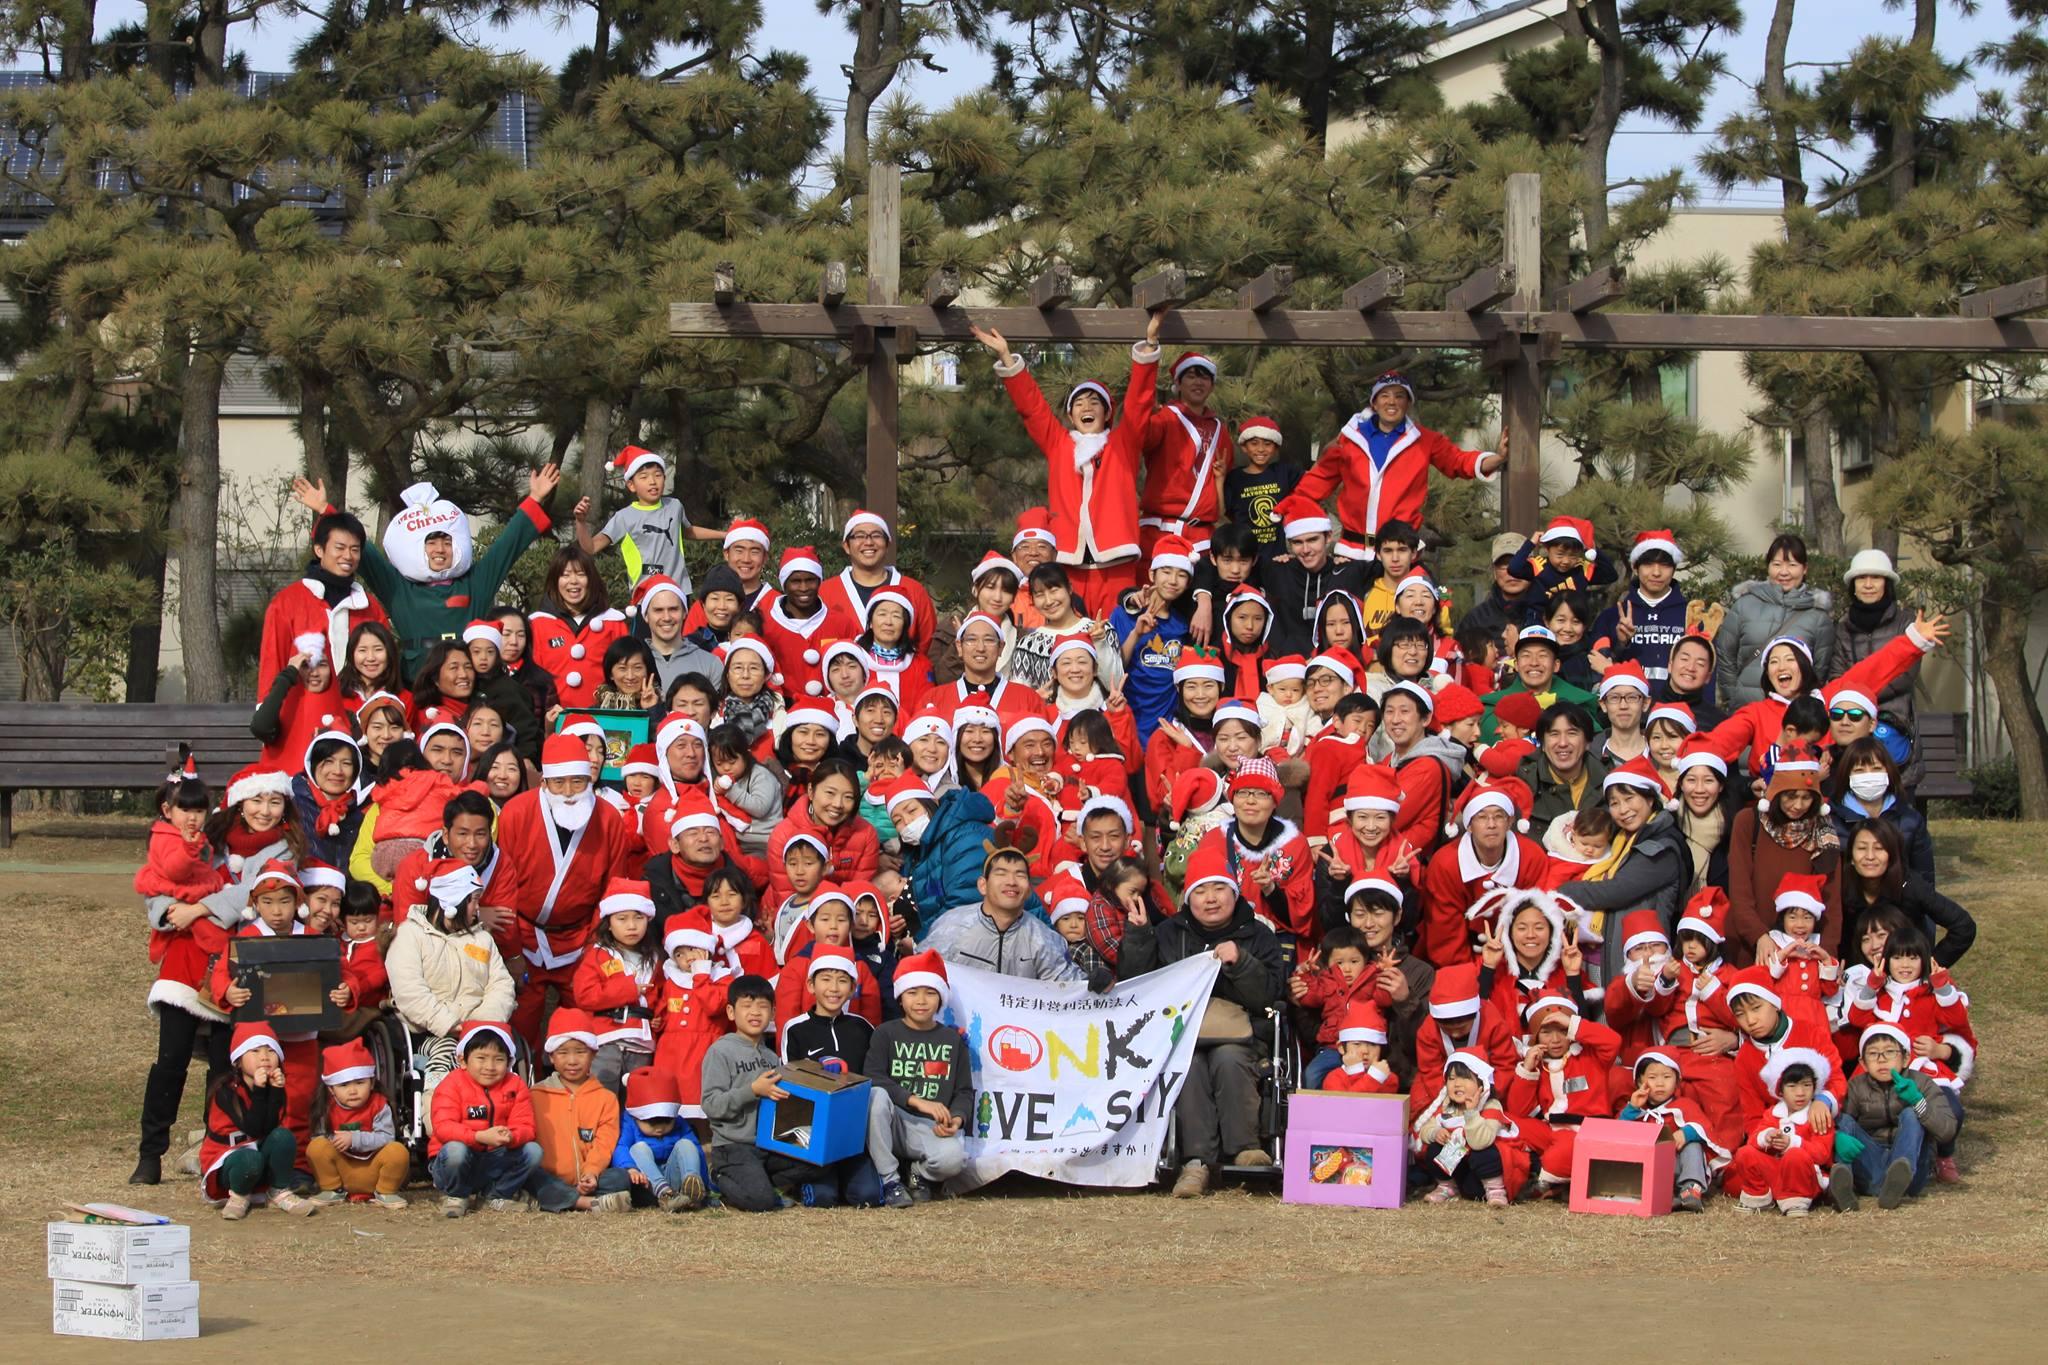 湘南にサンタが大集合!!「サンタクロース運動会」を開催しました!